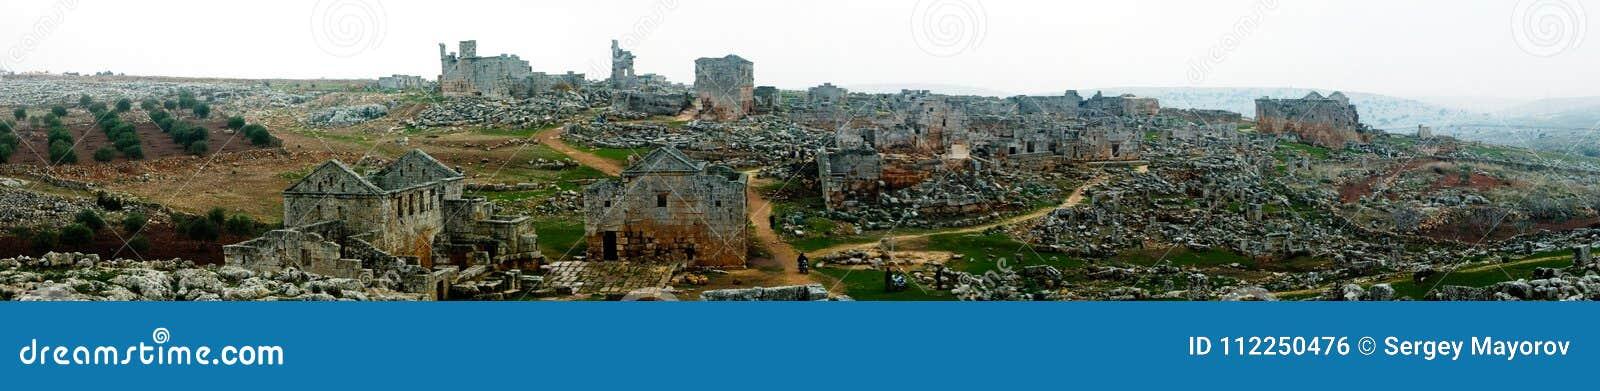 Panorama de la ciudad muerta abandonada arruinada Serjilla en Siria